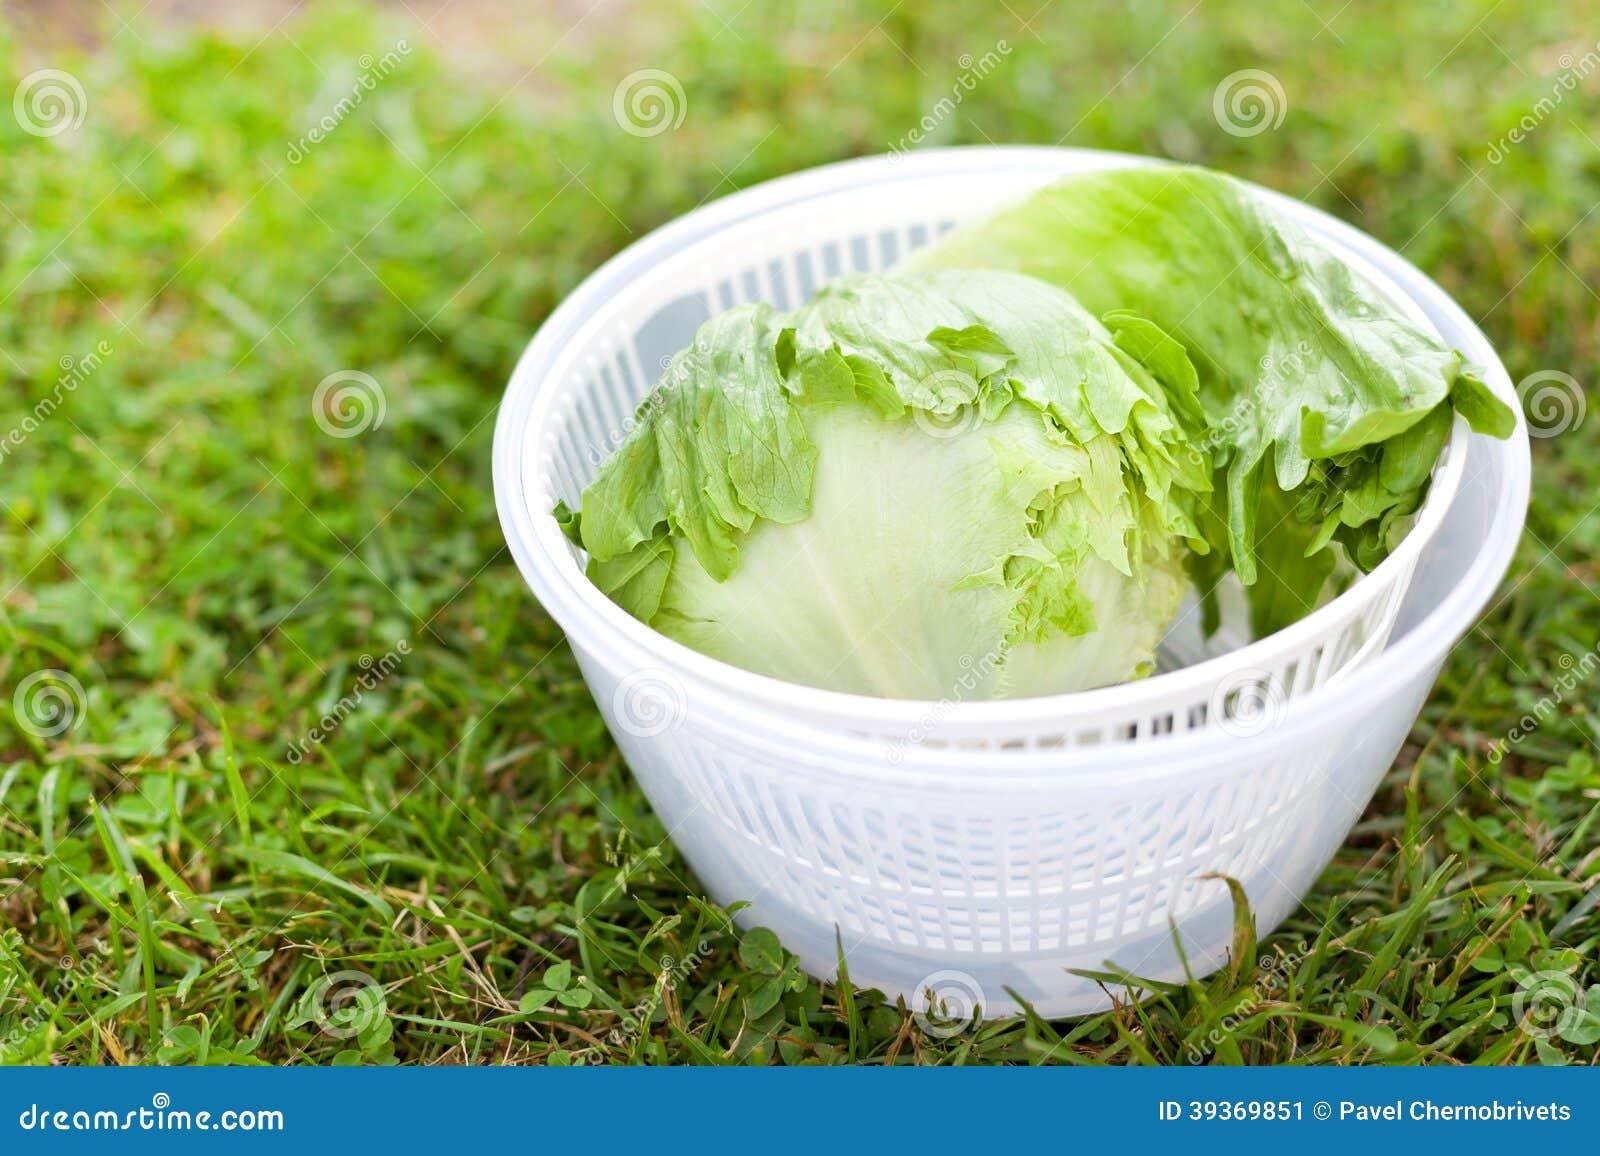 Sałaty sałatka w kądziołku